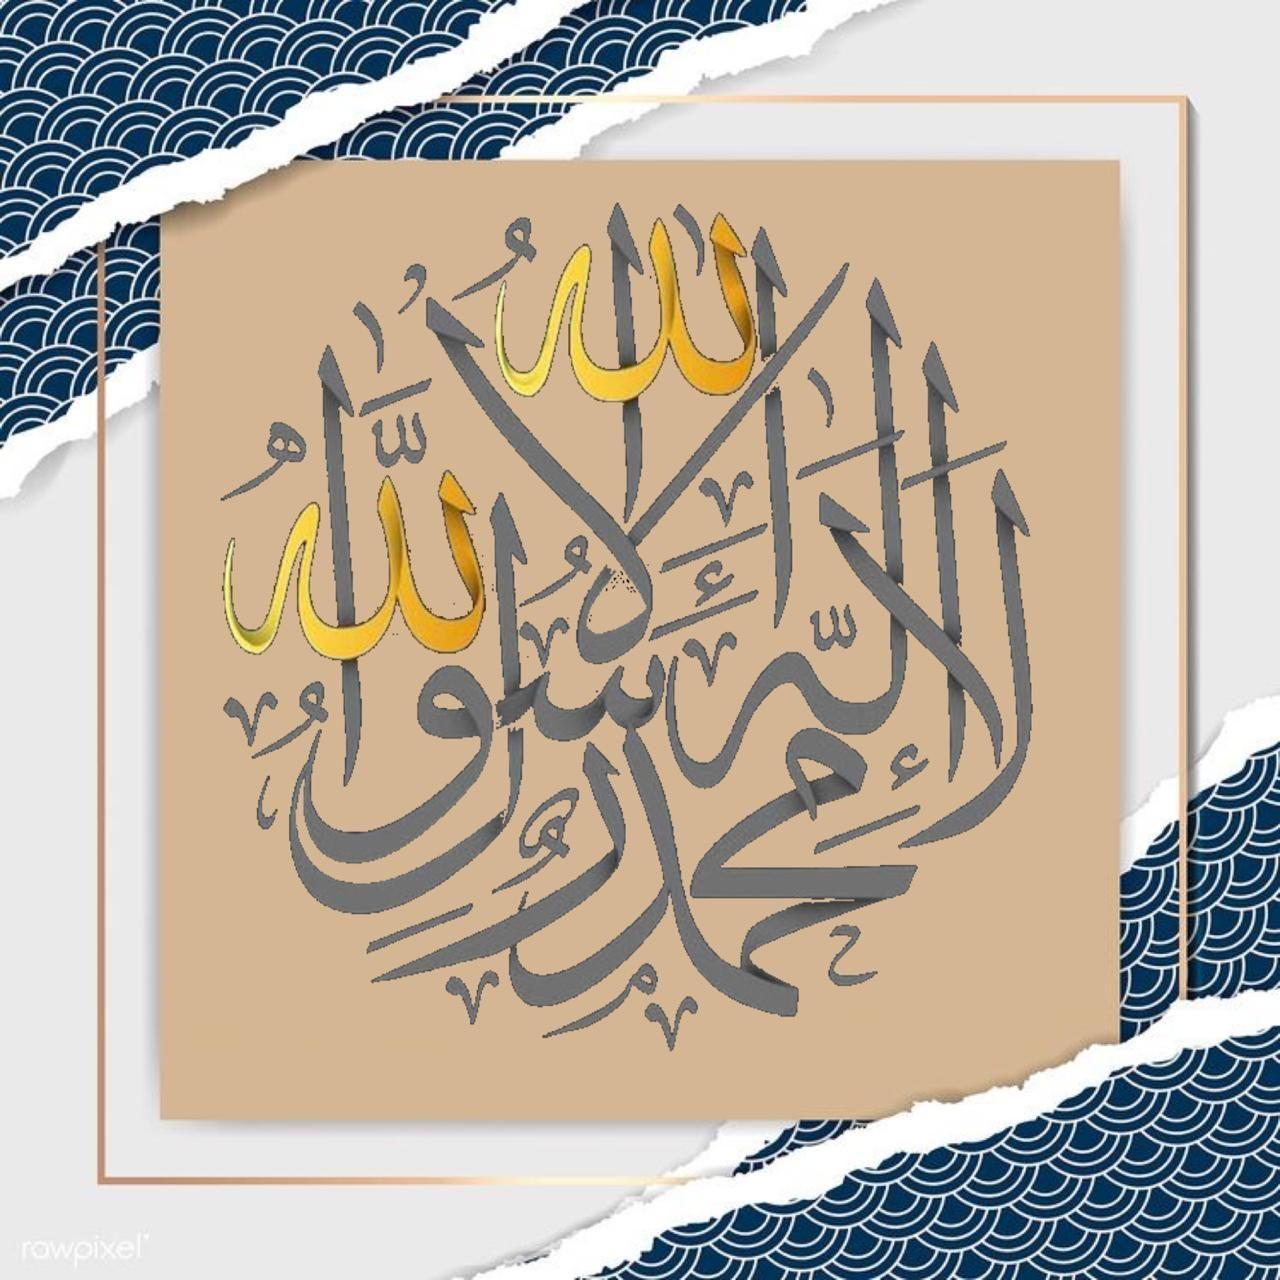 لا إله إلا الله محمد رسول الله Caligraphy Arabic Calligraphy Art